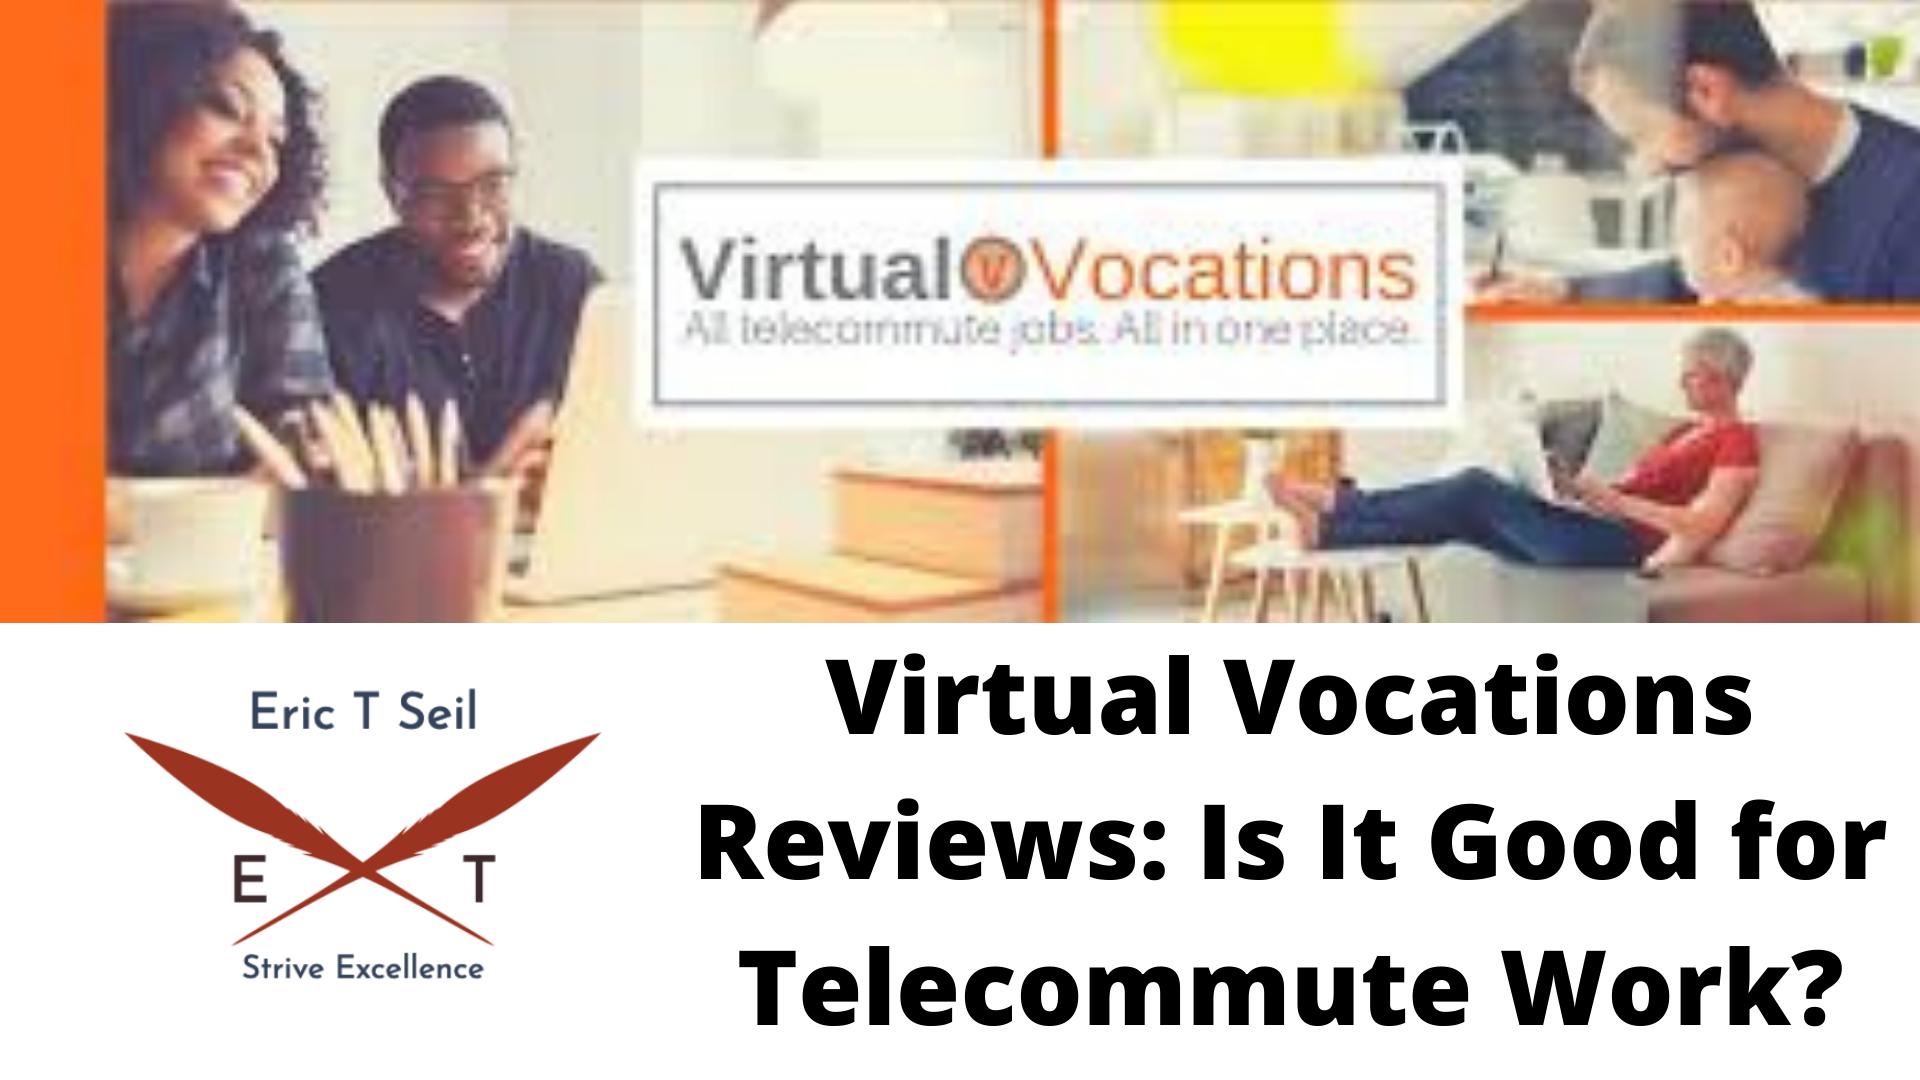 Virtual Vocations Reviews- Main